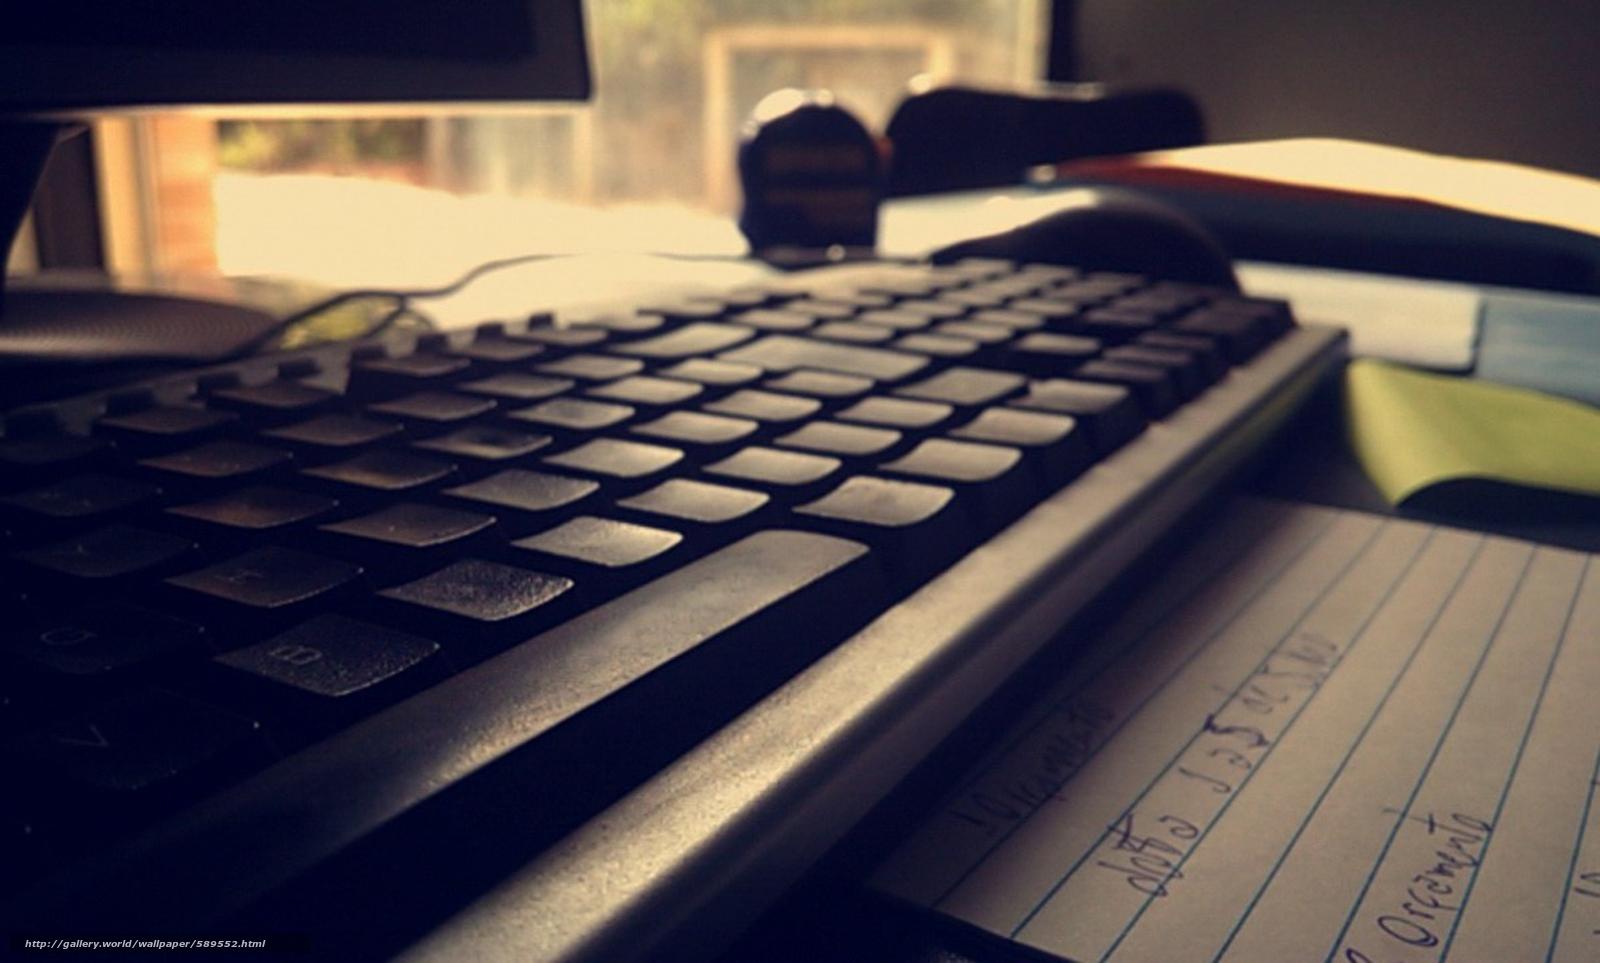 Tlcharger fond d 39 ecran technologie clavier ordinateur for Ordinateur wallpaper